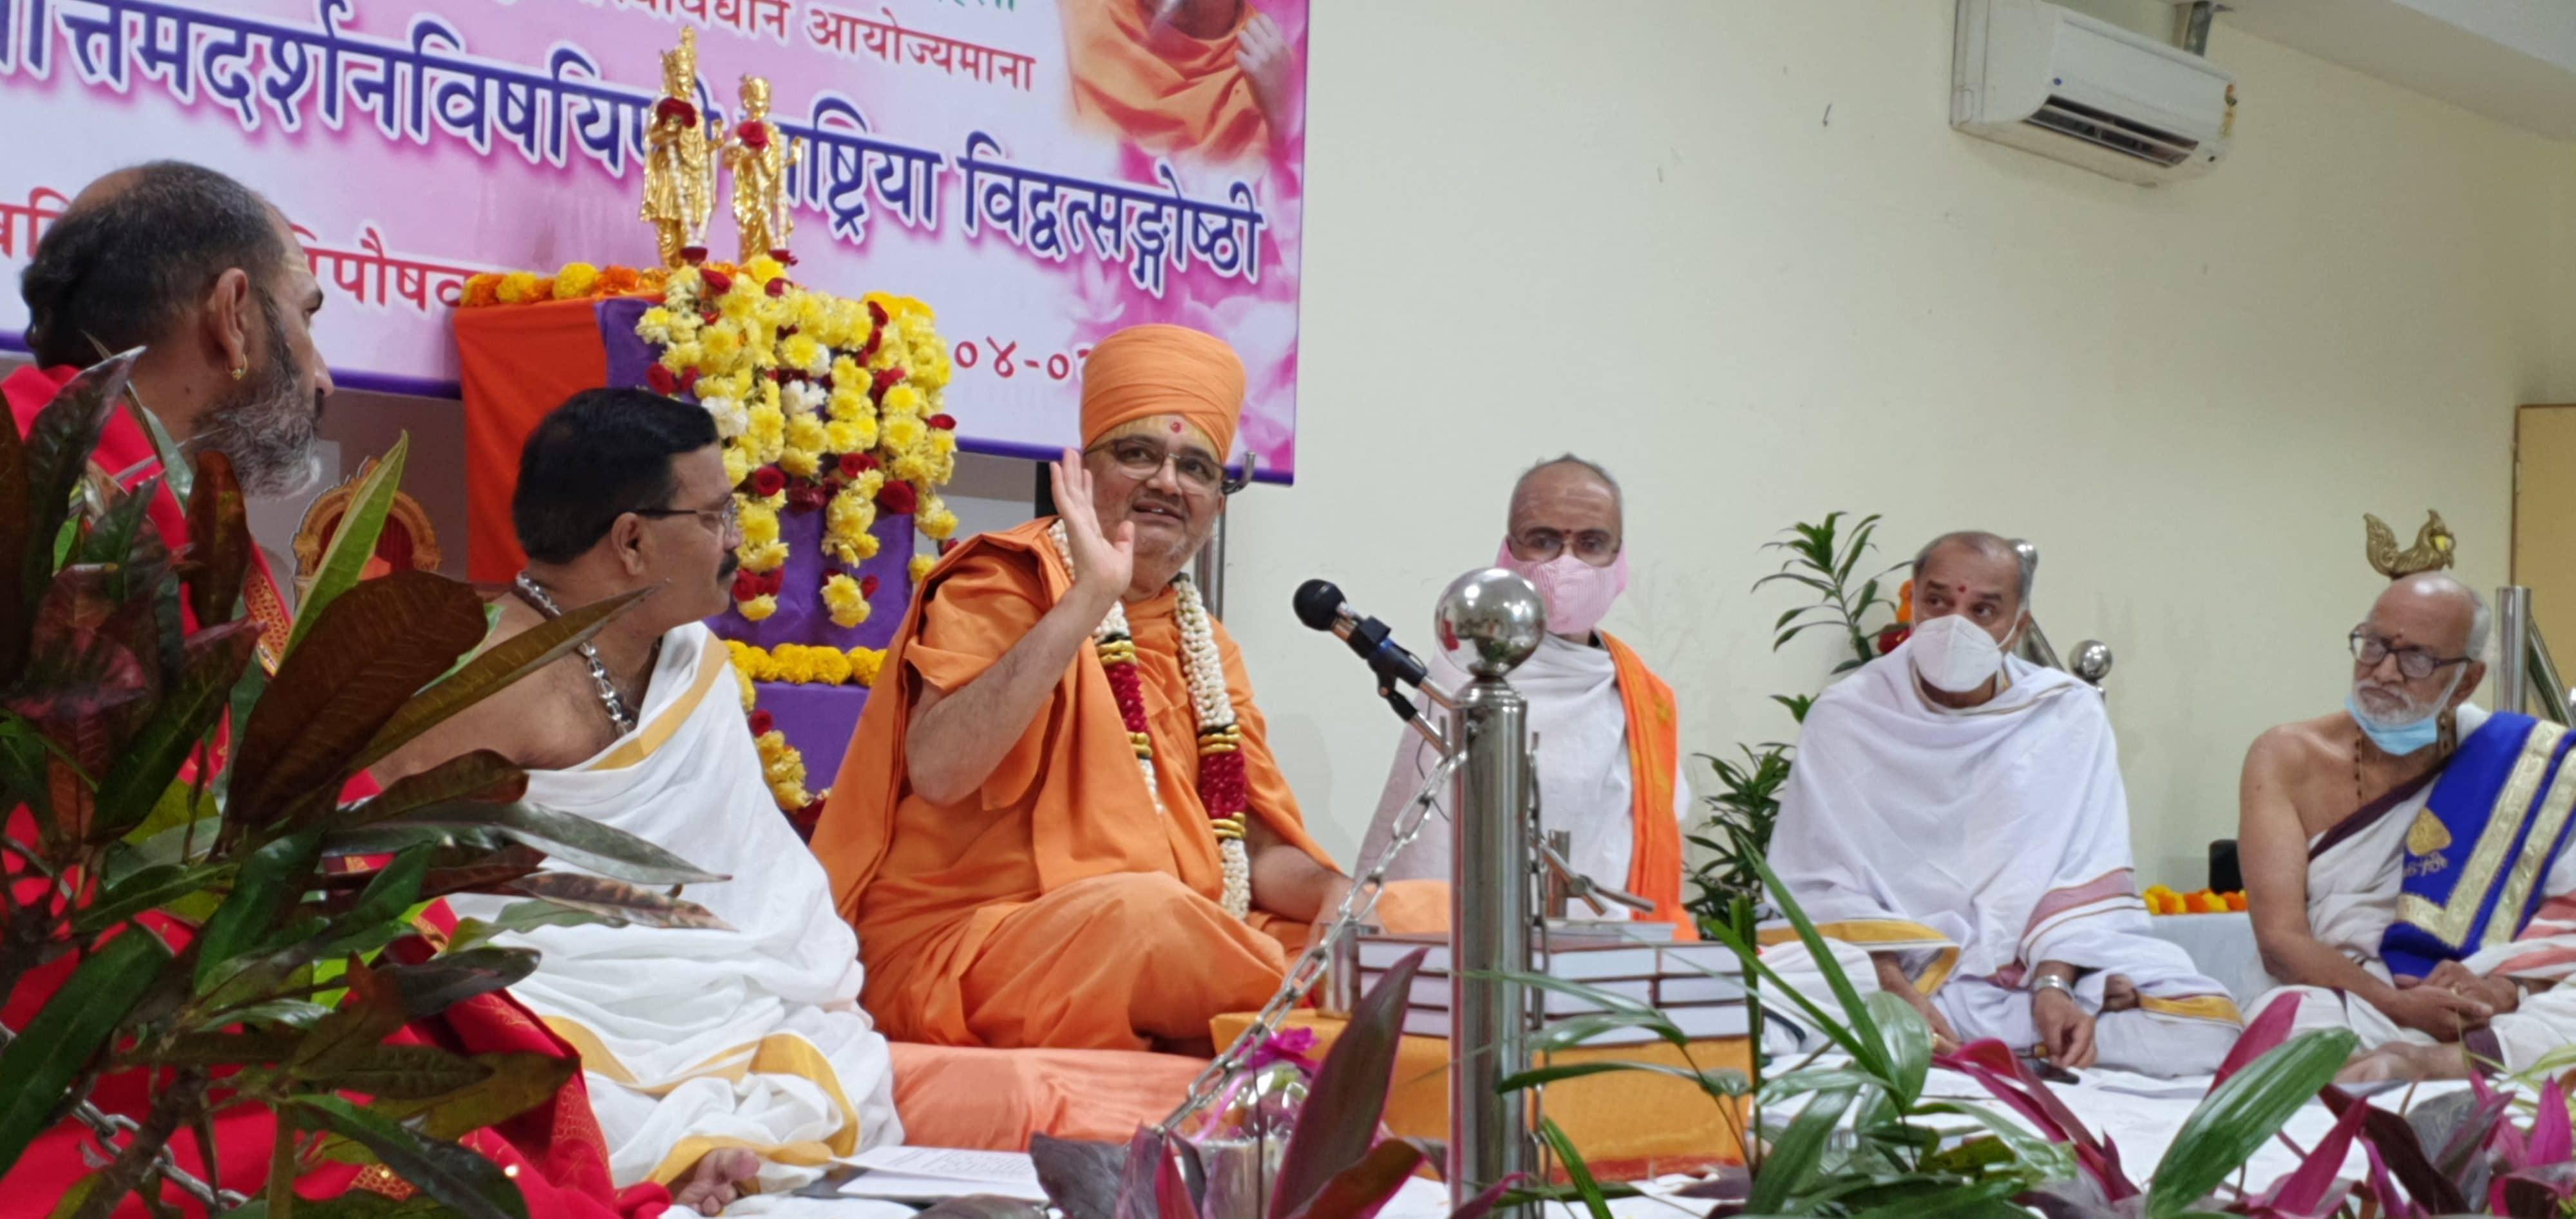 Mahāmahopādhyāya Bhadreshdas Swami addressing the Rāṣṭriyā Vidvatsaṅgoṣṭhī